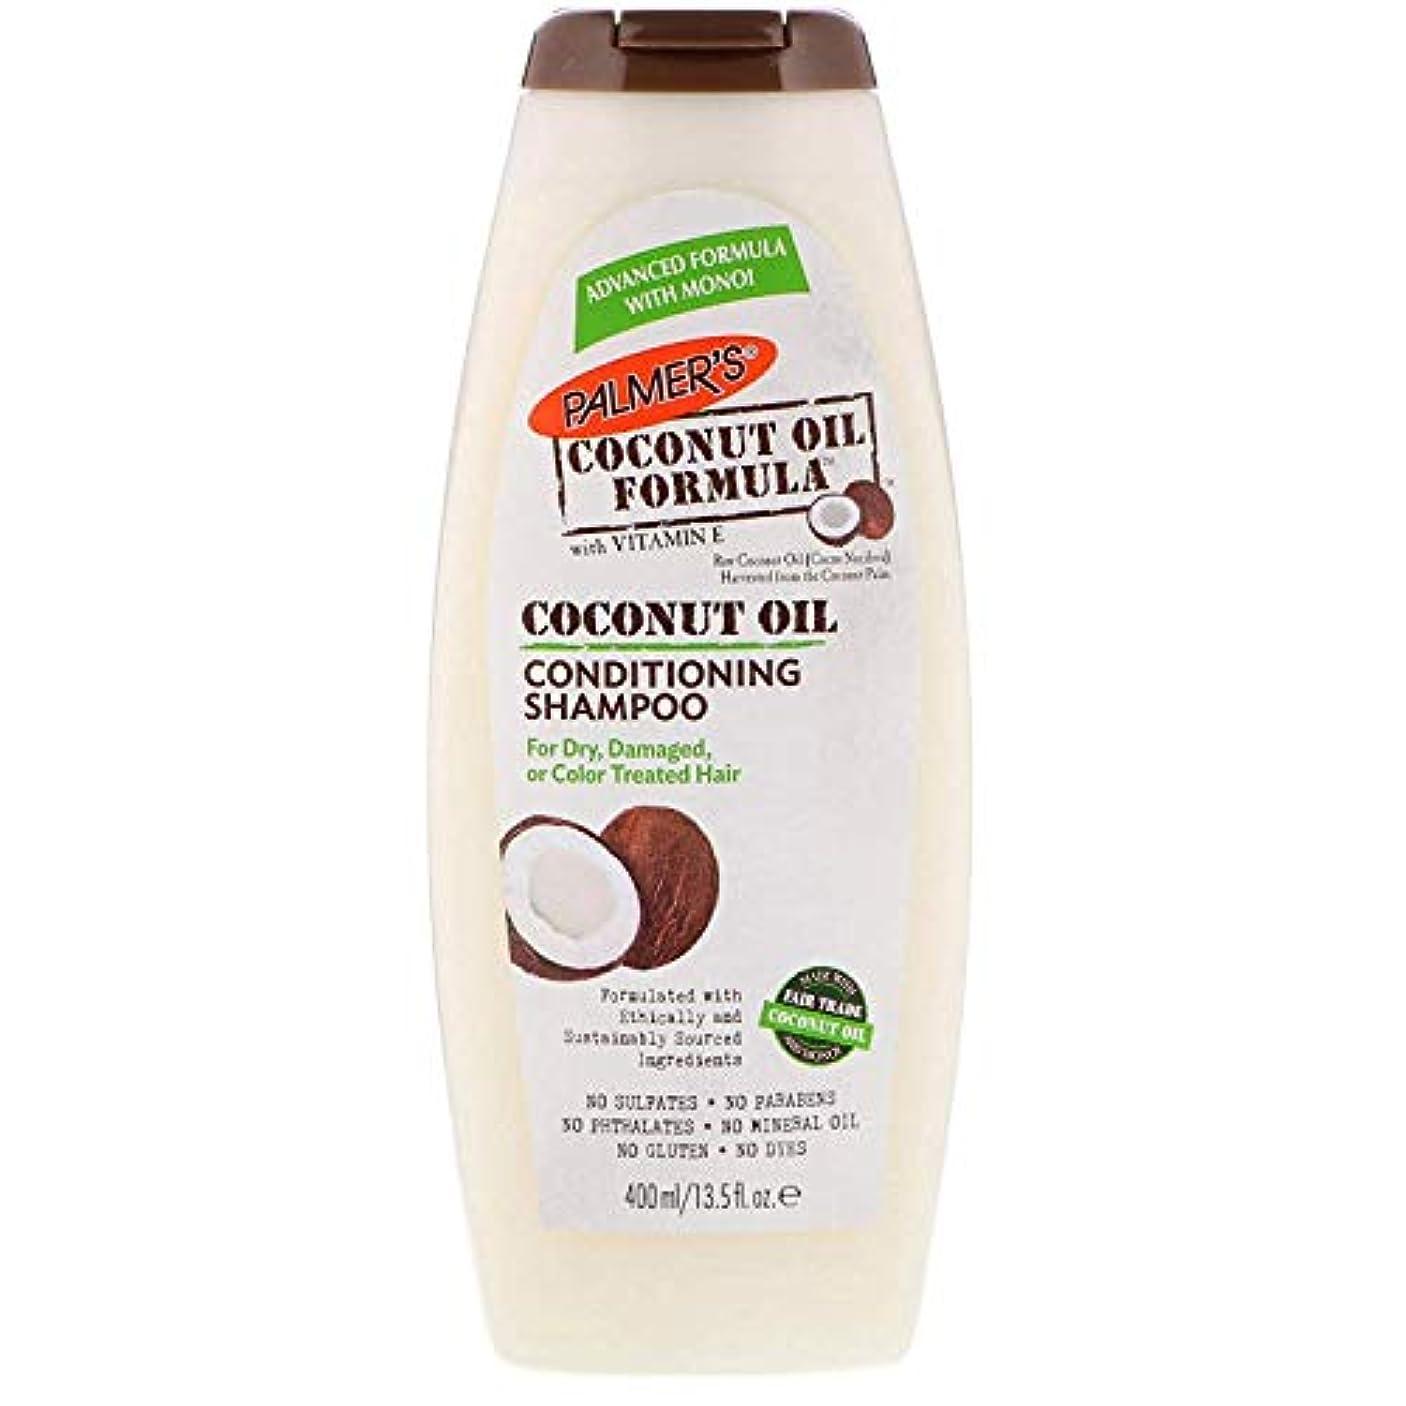 未使用処理する真向こうPalmer's ココナッツオイル ダメージヘア水分補給 シャンプー 13.5 fl oz (400 ml) [並行輸入品]